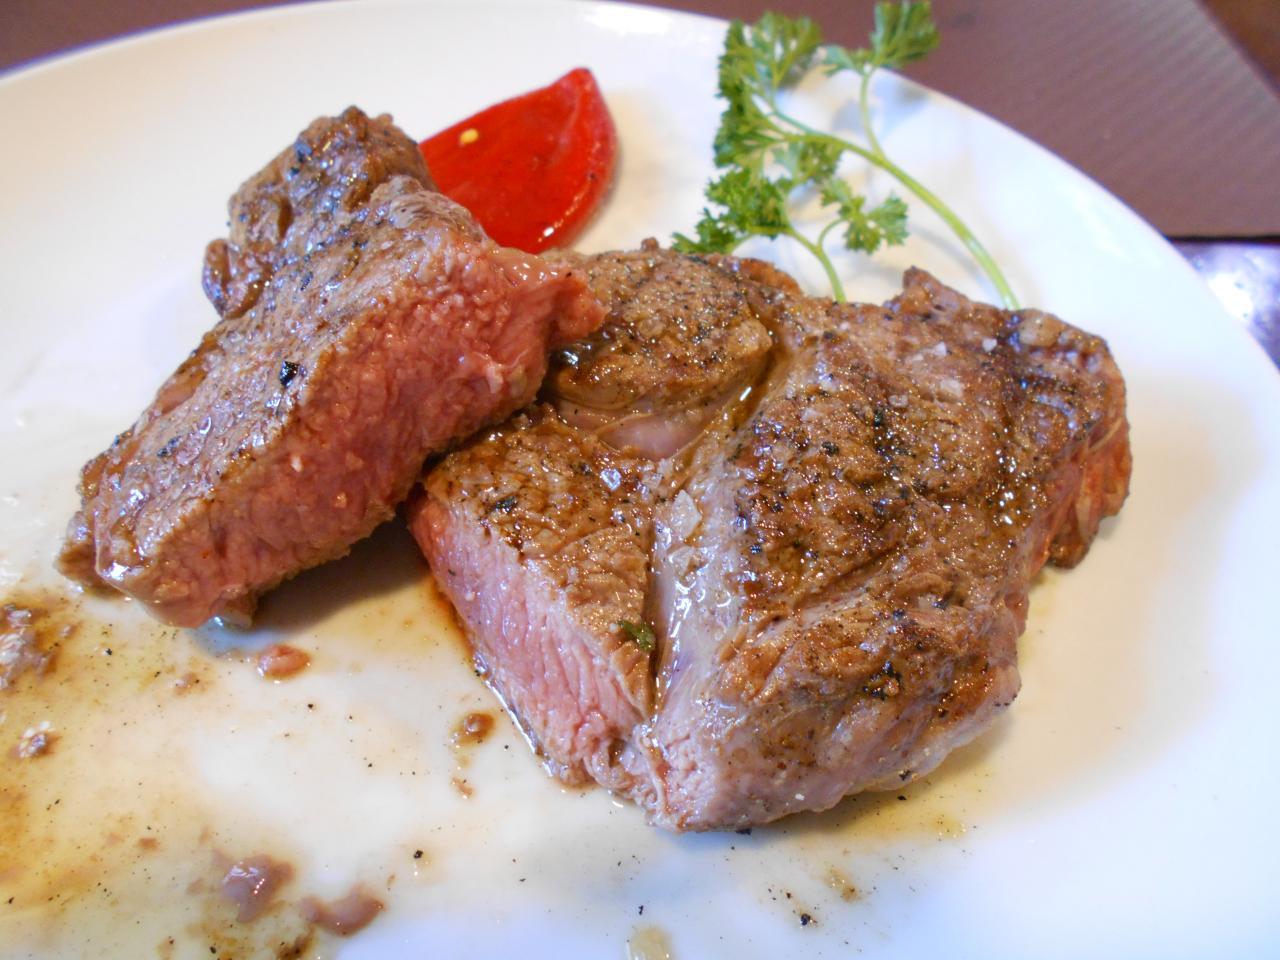 The Asador Gotxon's entrecôte steak scored 10